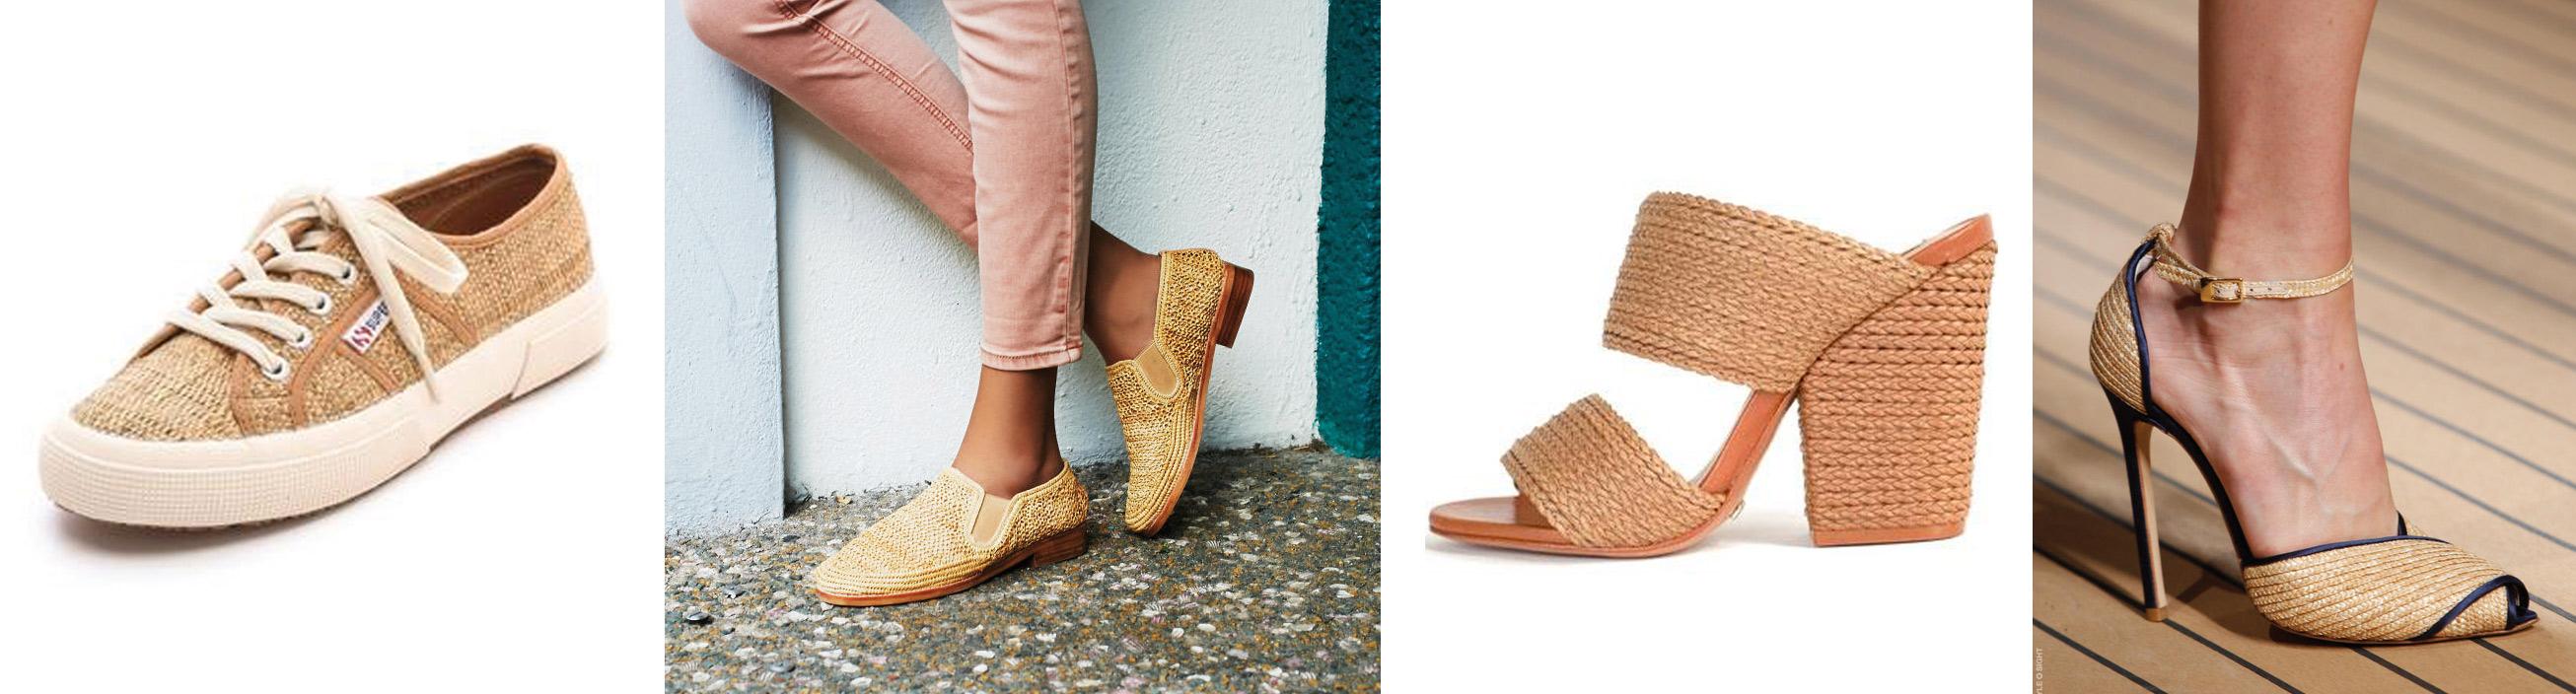 fb270832 Zapatos clave de mujer para primavera-verano 2016